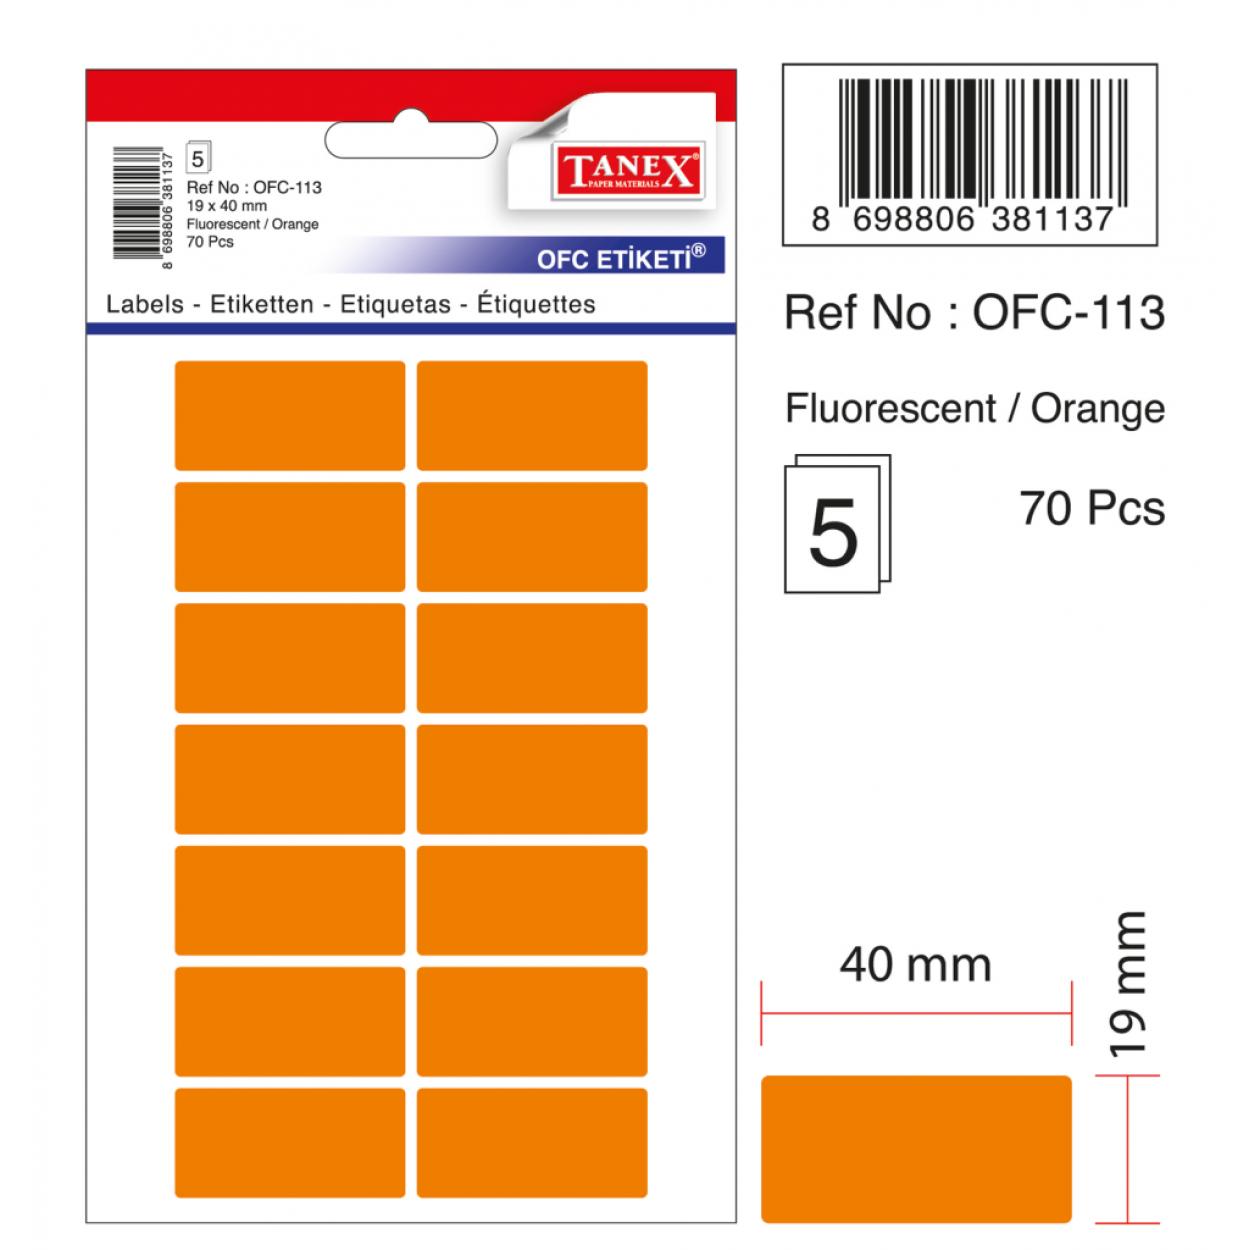 Tanex Ofc-113 Flo Turuncu Ofis Etiketi